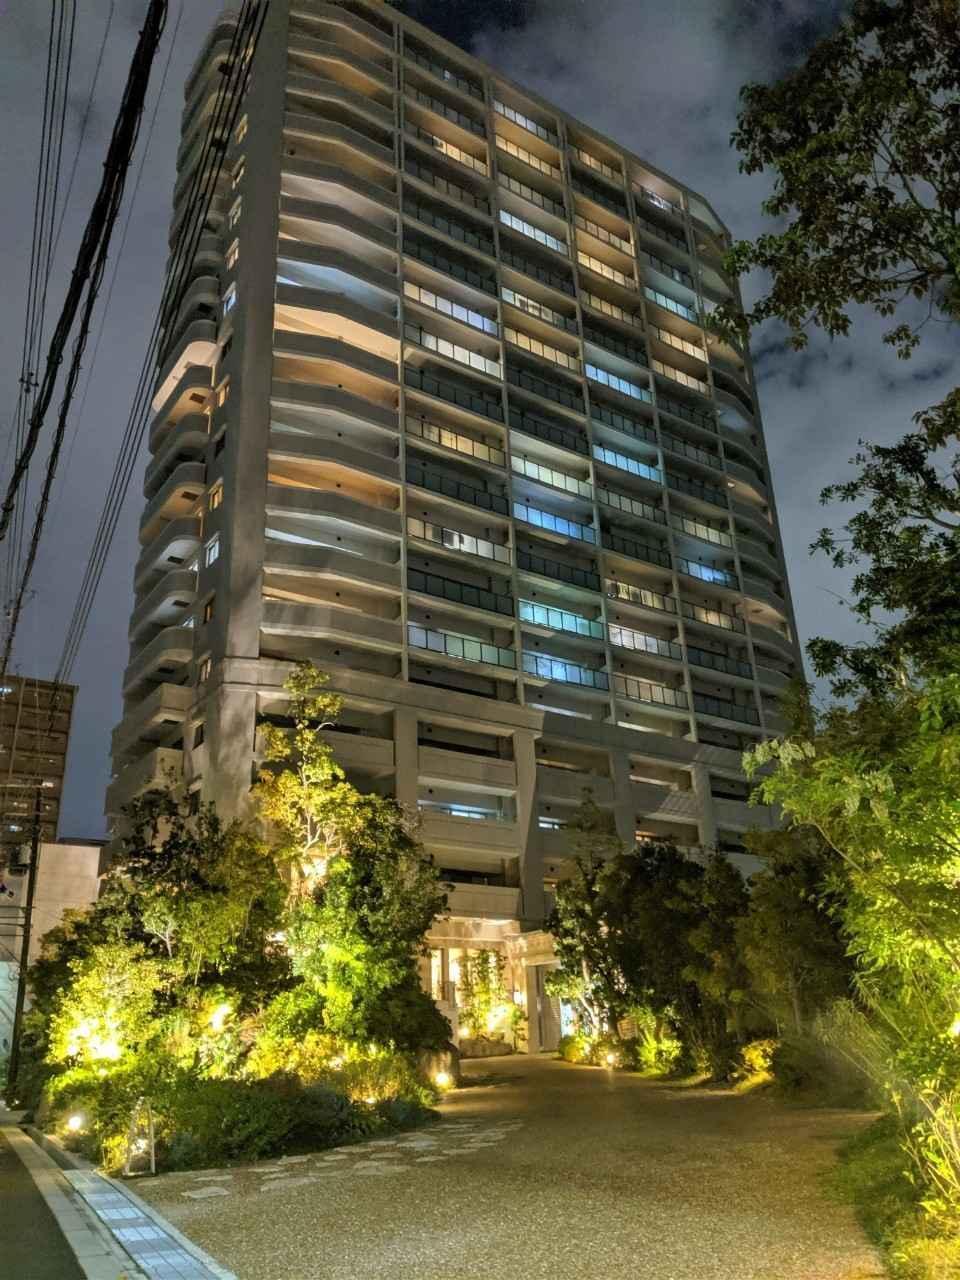 日本大阪天王寺区夕陽ヶ丘二手公寓